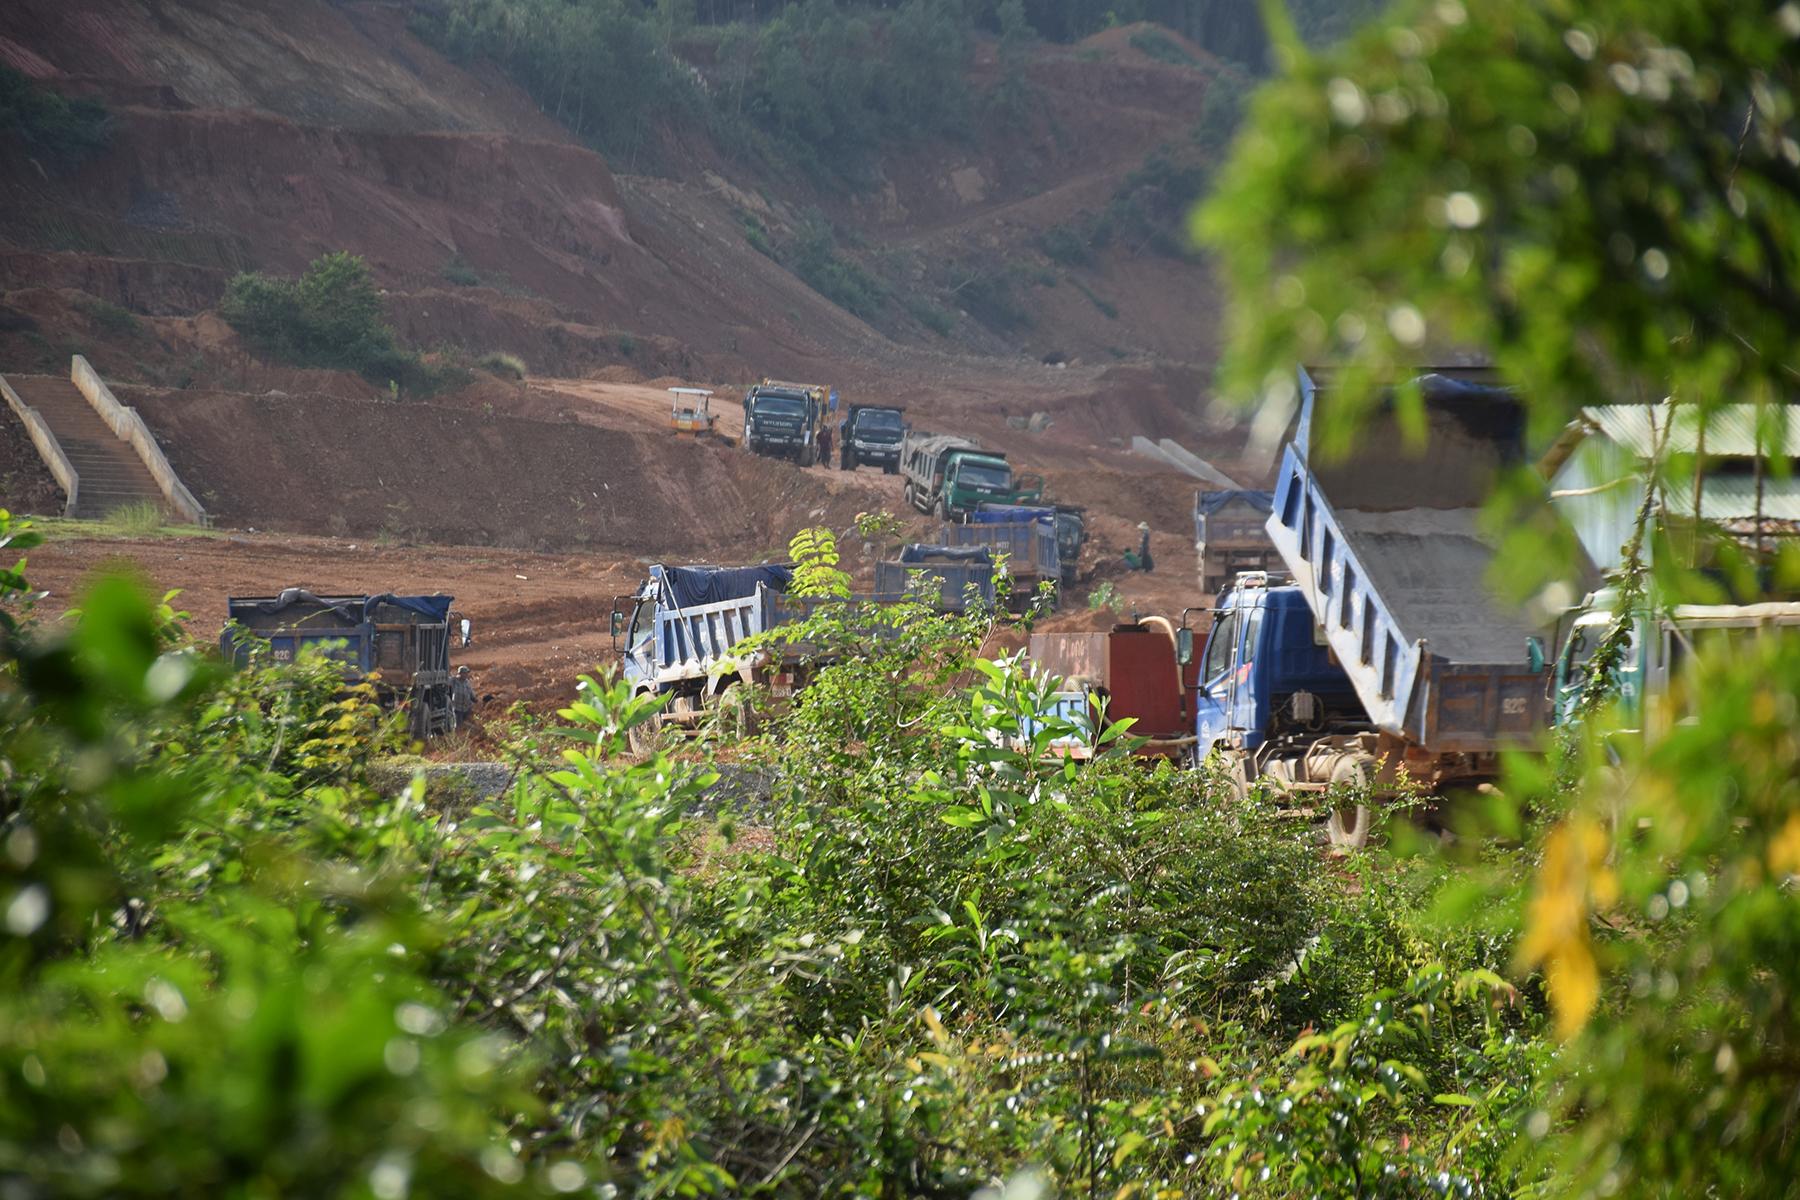 Hàng chục chiếc xe chở đất tại khu vực đang lấy đất để làm dự án nghĩa tràng Cầy Da (thôn Xuân Ngọc 2, xã Tam Anh Nam, huyện Núi Thành)